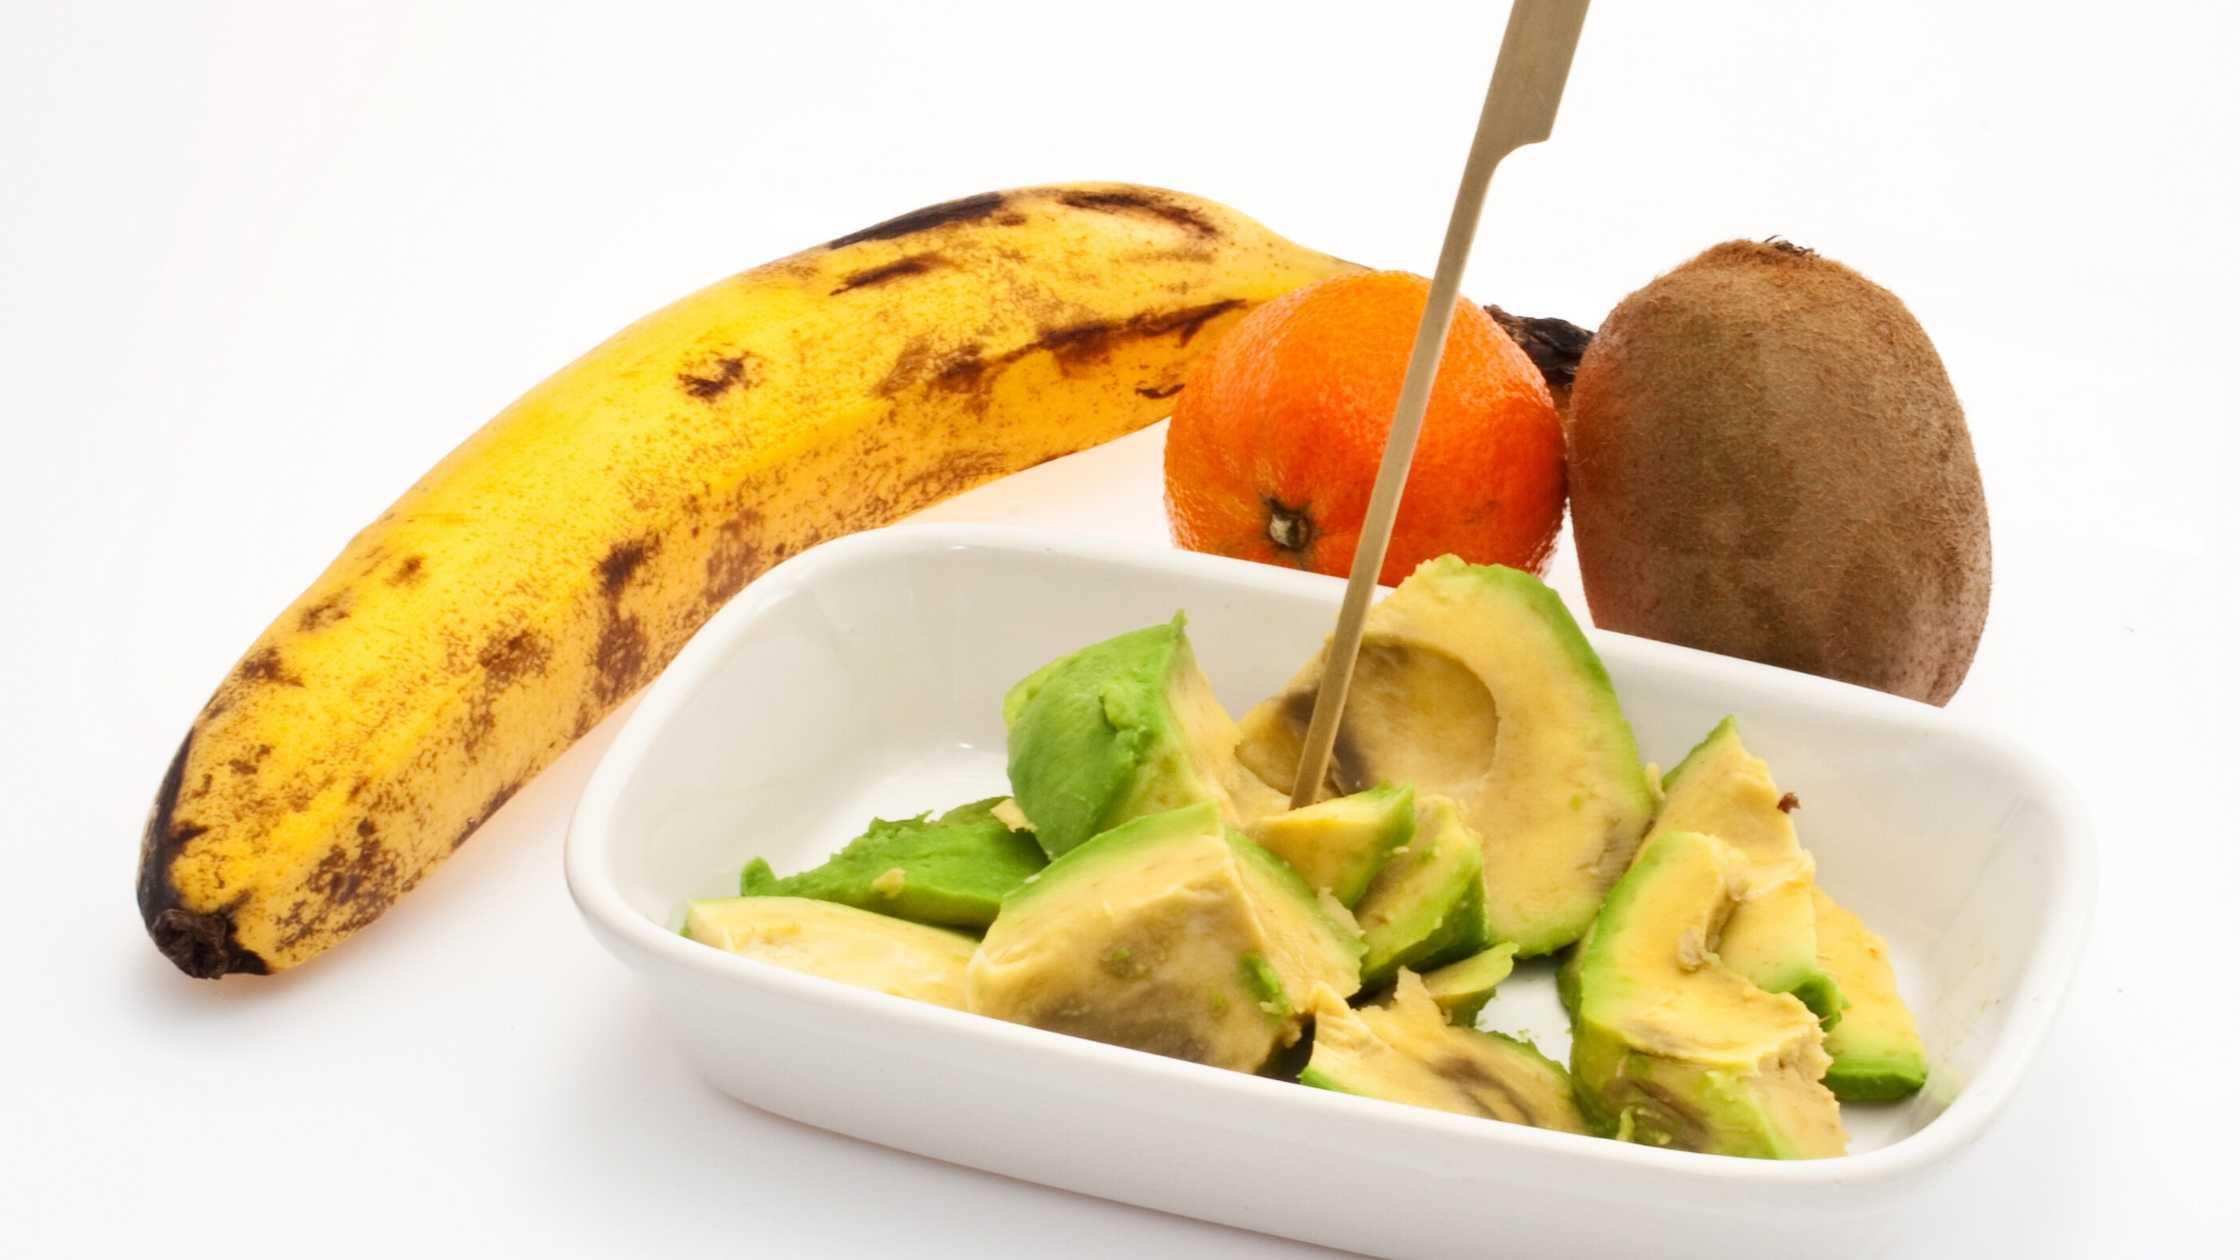 Cara Menghitung Jumlah Serat pada Makanan Si Kecil